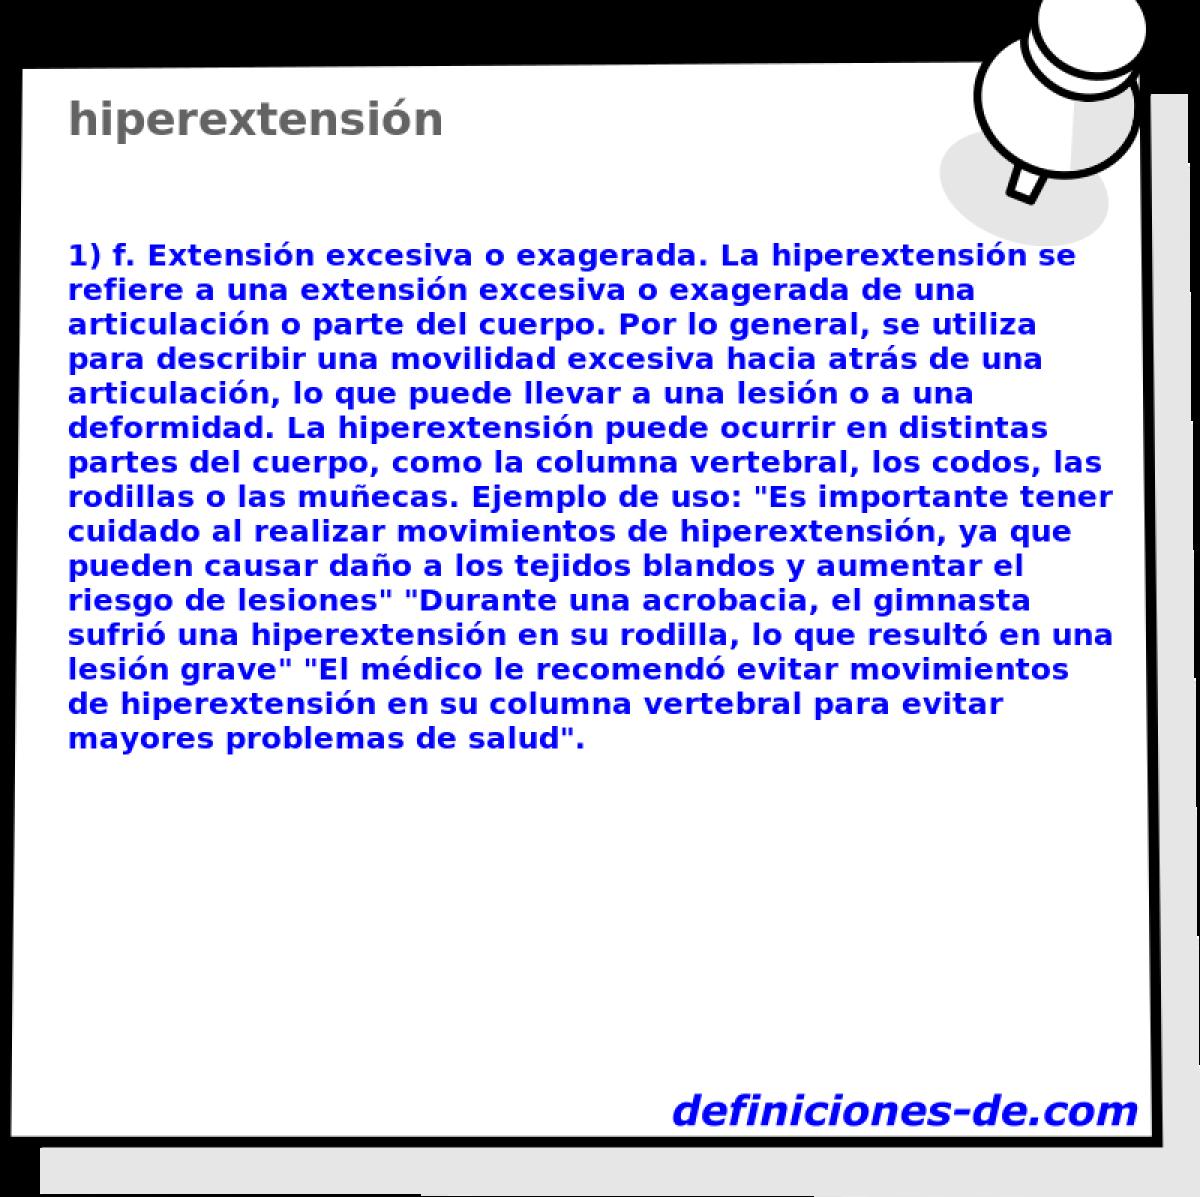 Qué significa Hiperextensión?